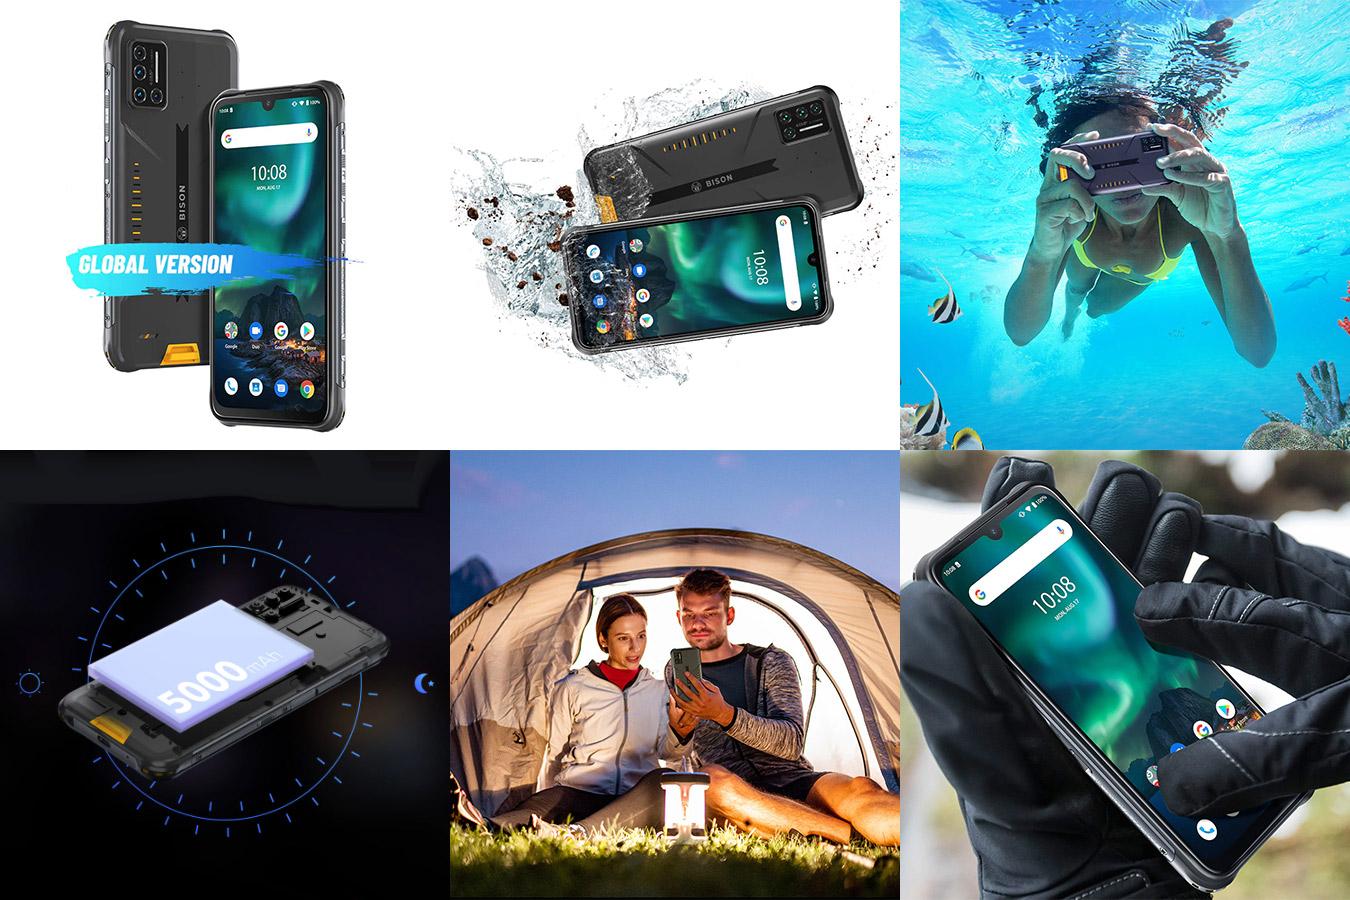 Качественный смартфон с алиэкспресс